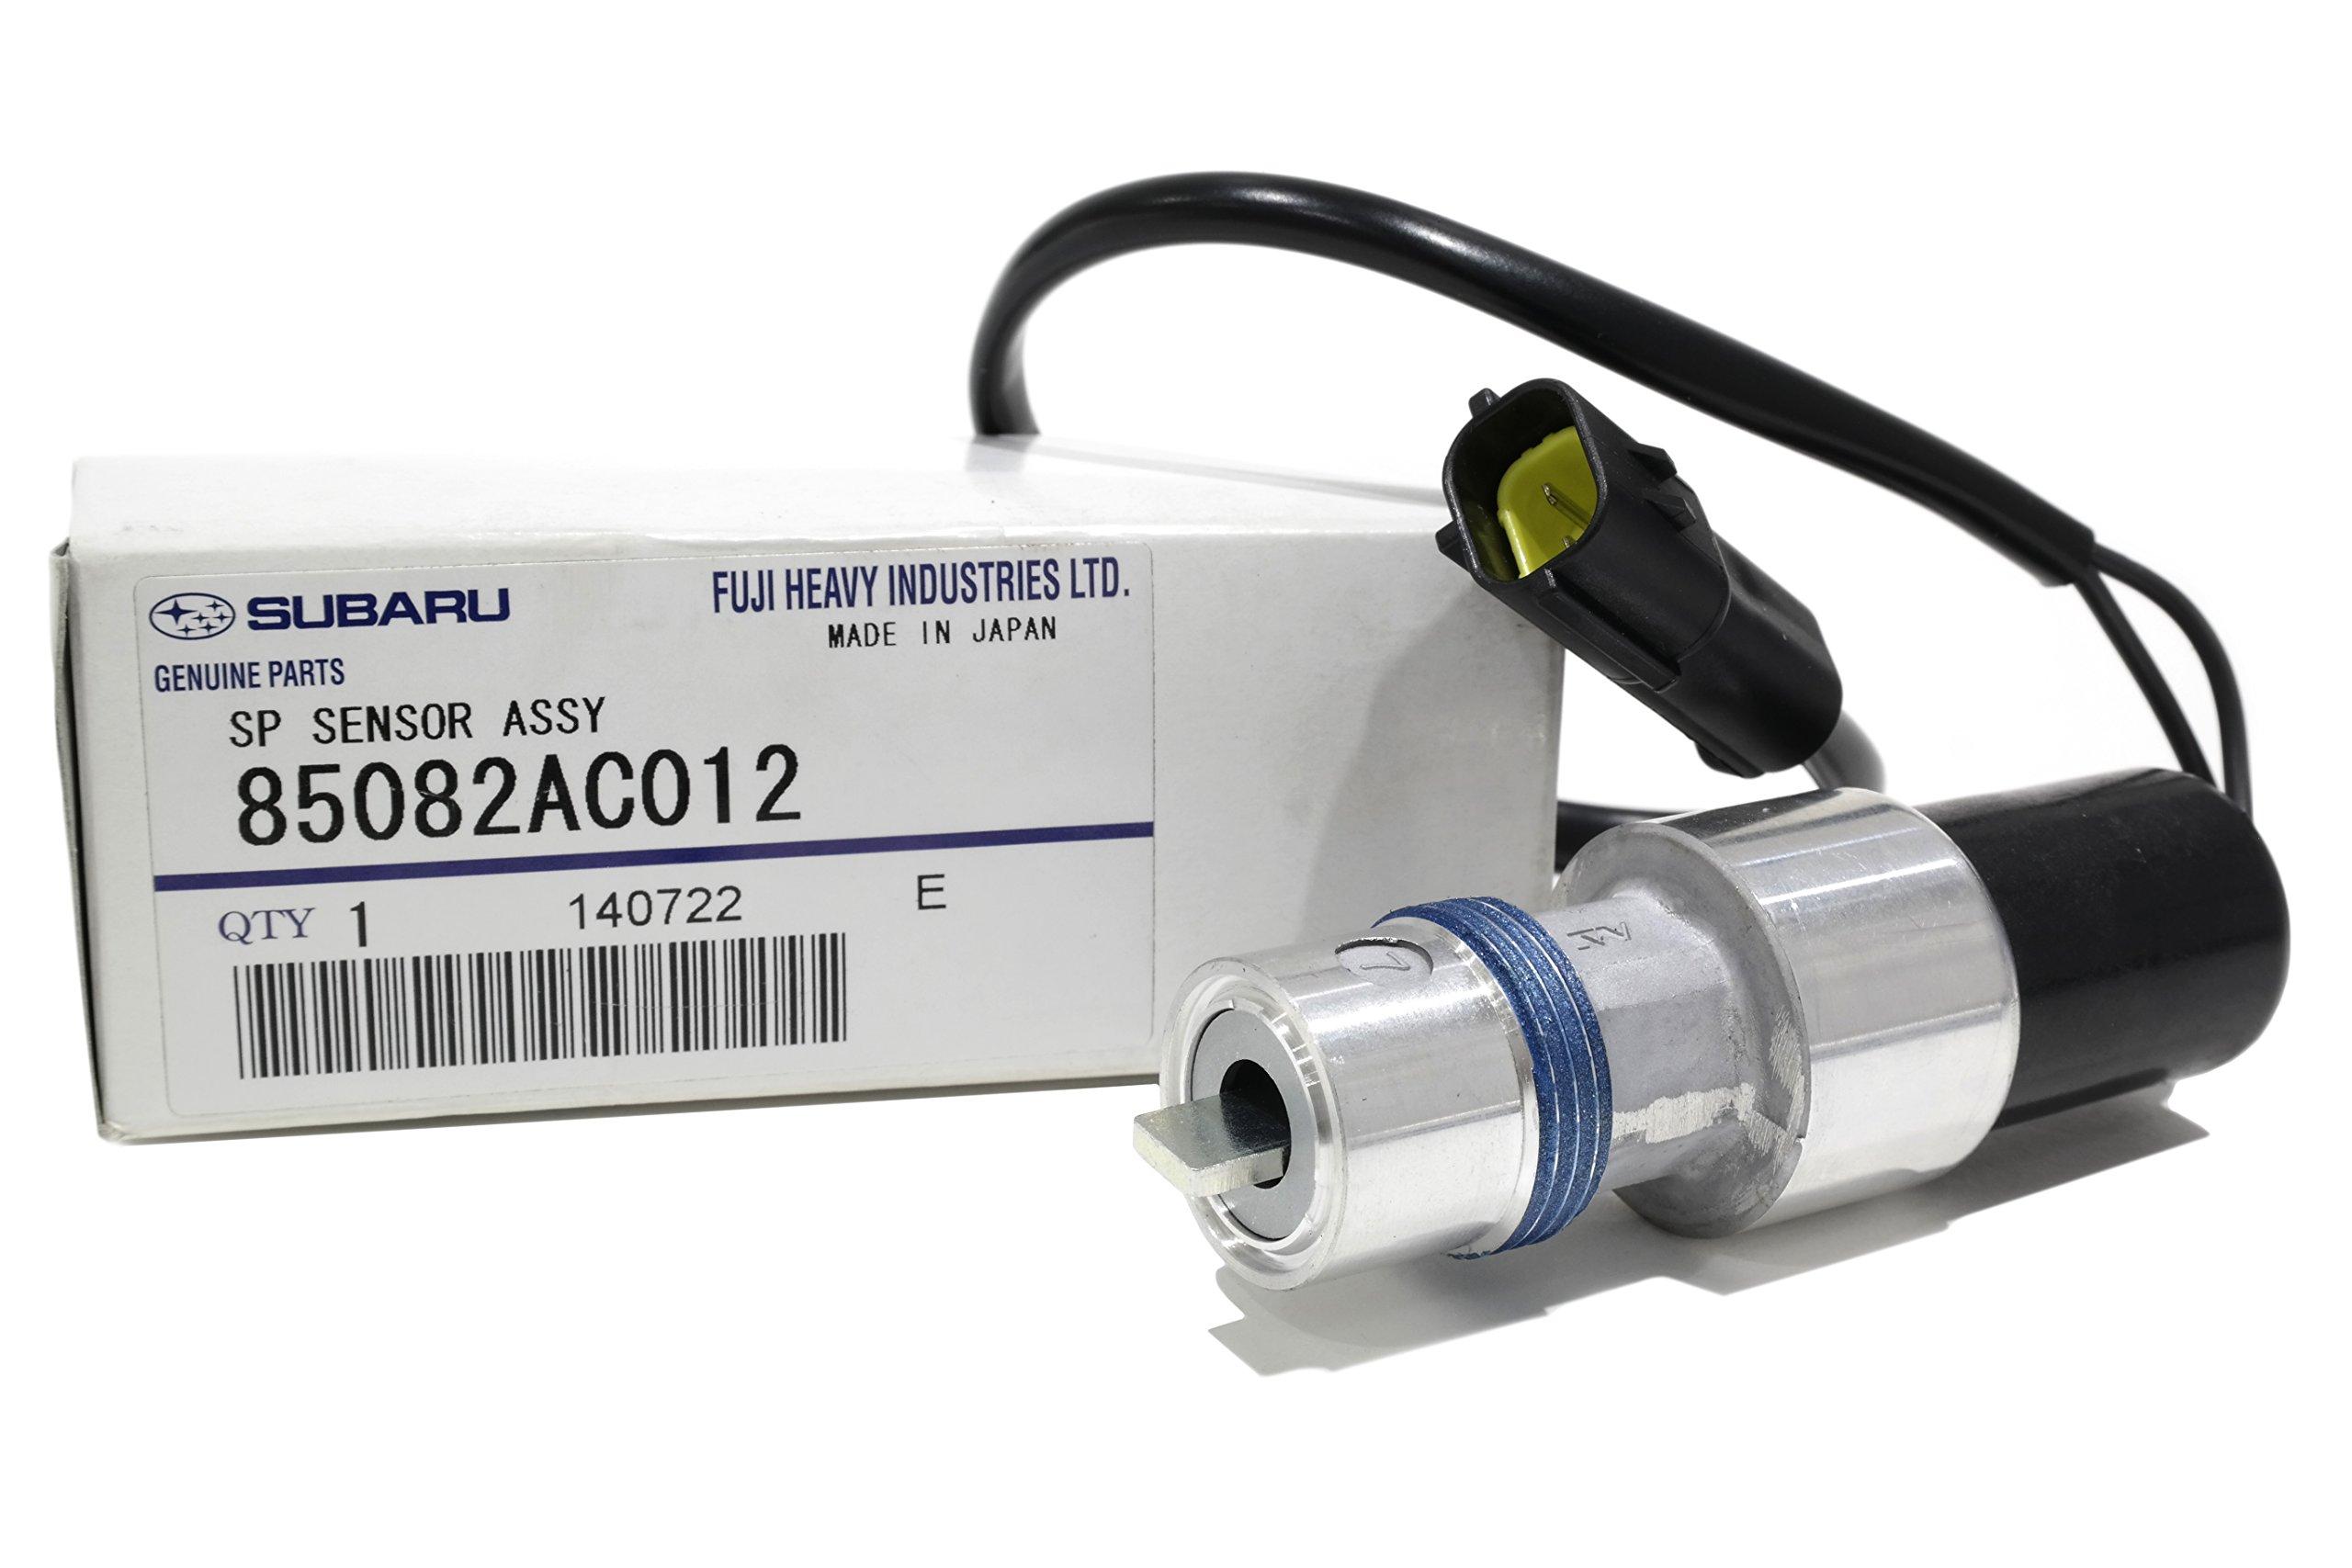 Subaru 85082 AC012, Vehicle Speed Sensor